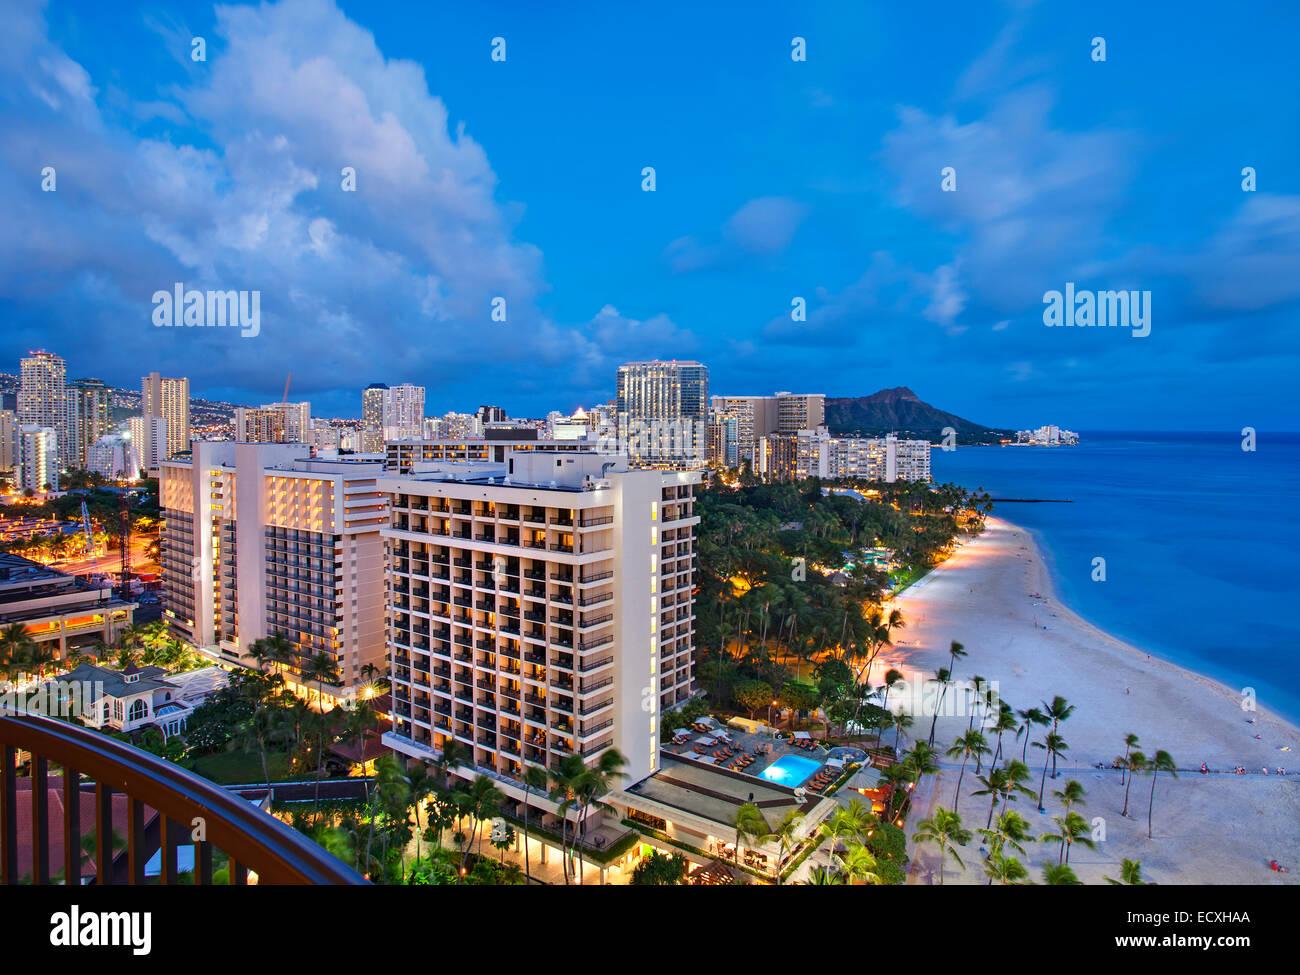 Honolulu, Hawaii skyline at dusk - Stock Image